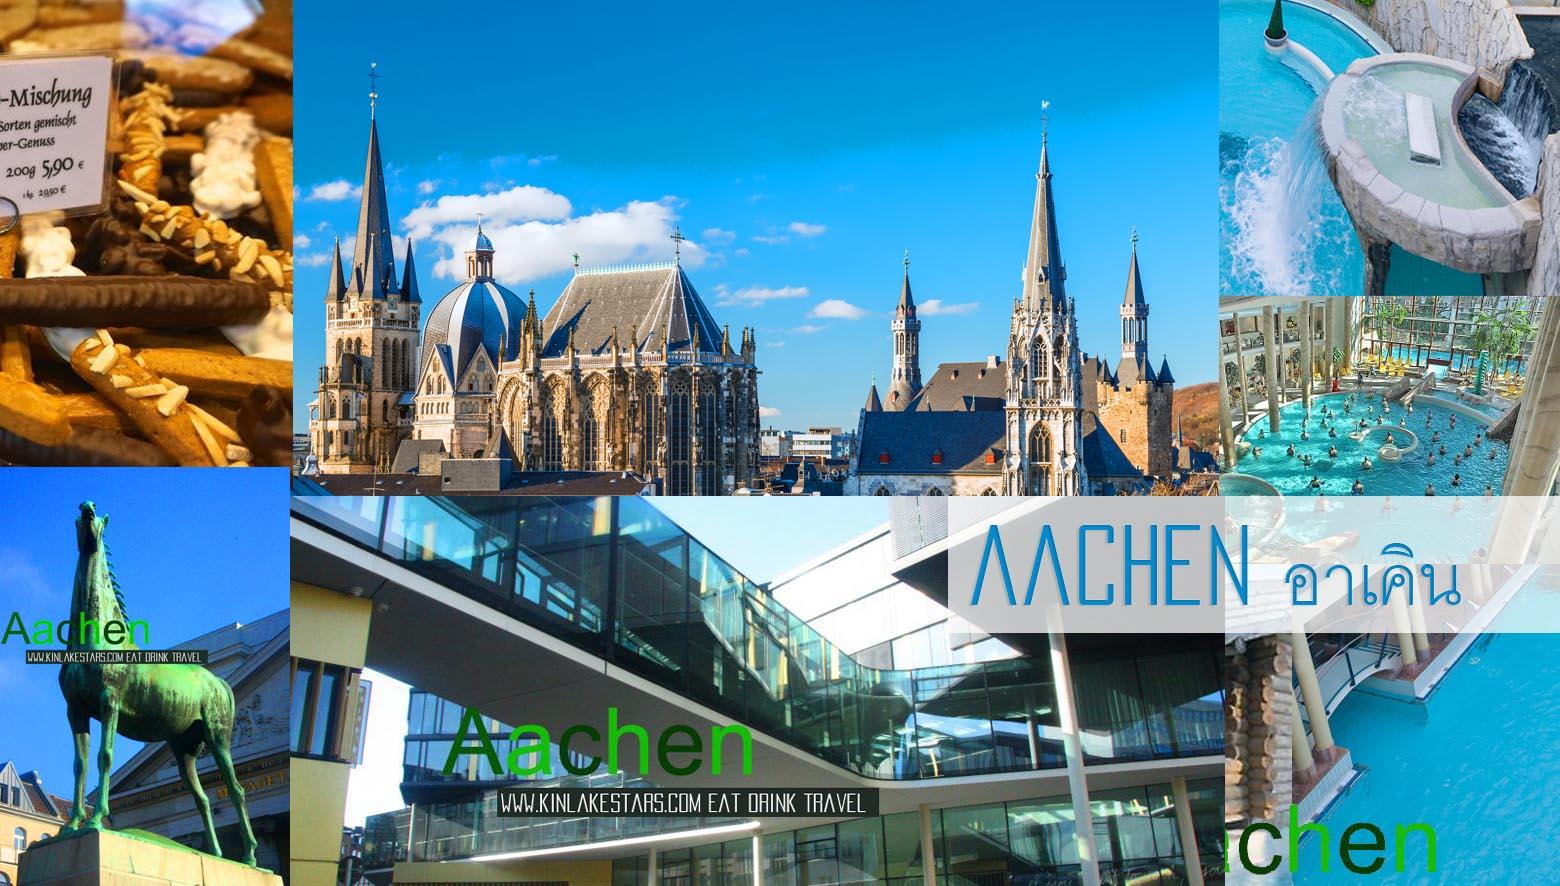 เที่ยวชมสถาปัตยกรรมแปลกตา แช่น้ำแร่ ต้นกำเนิดขนม Printen ณ  Aachen เมืองชายแดน เยอรมนี เนเธอร์แลนด์ และเบลเยียม